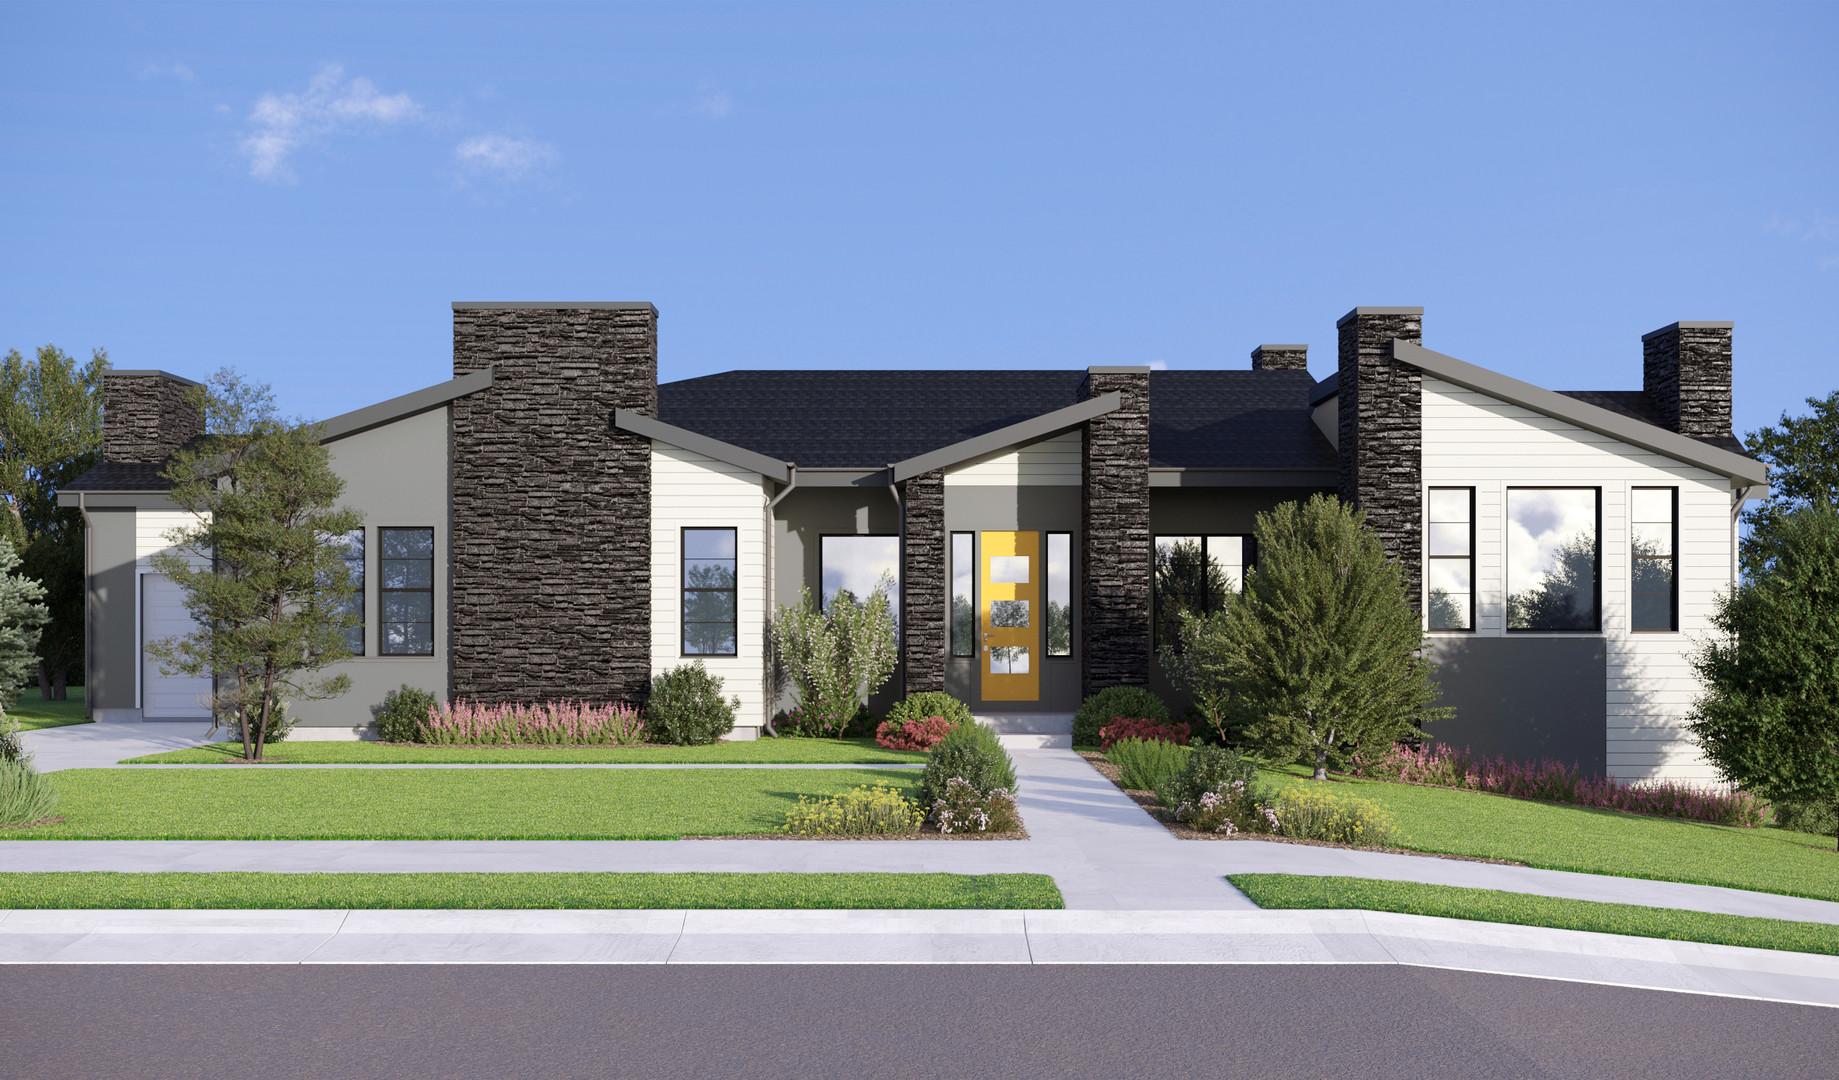 Дизайн фасада в г. Эри, Колорадо, США